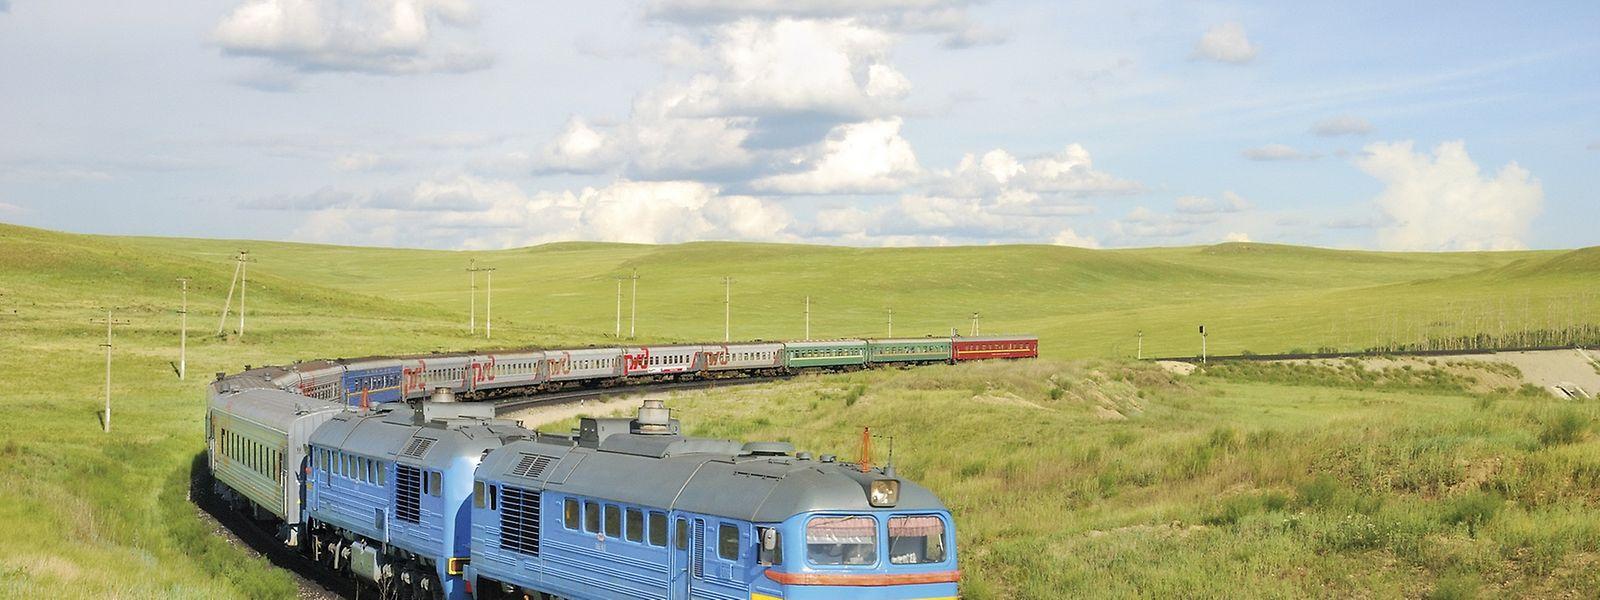 Der Zarengold-Express in der Nähe des Baikalsees. Die 21-tägige Reise von Moskau nach Wladiwostok kostet mindestens 4500 Euro.